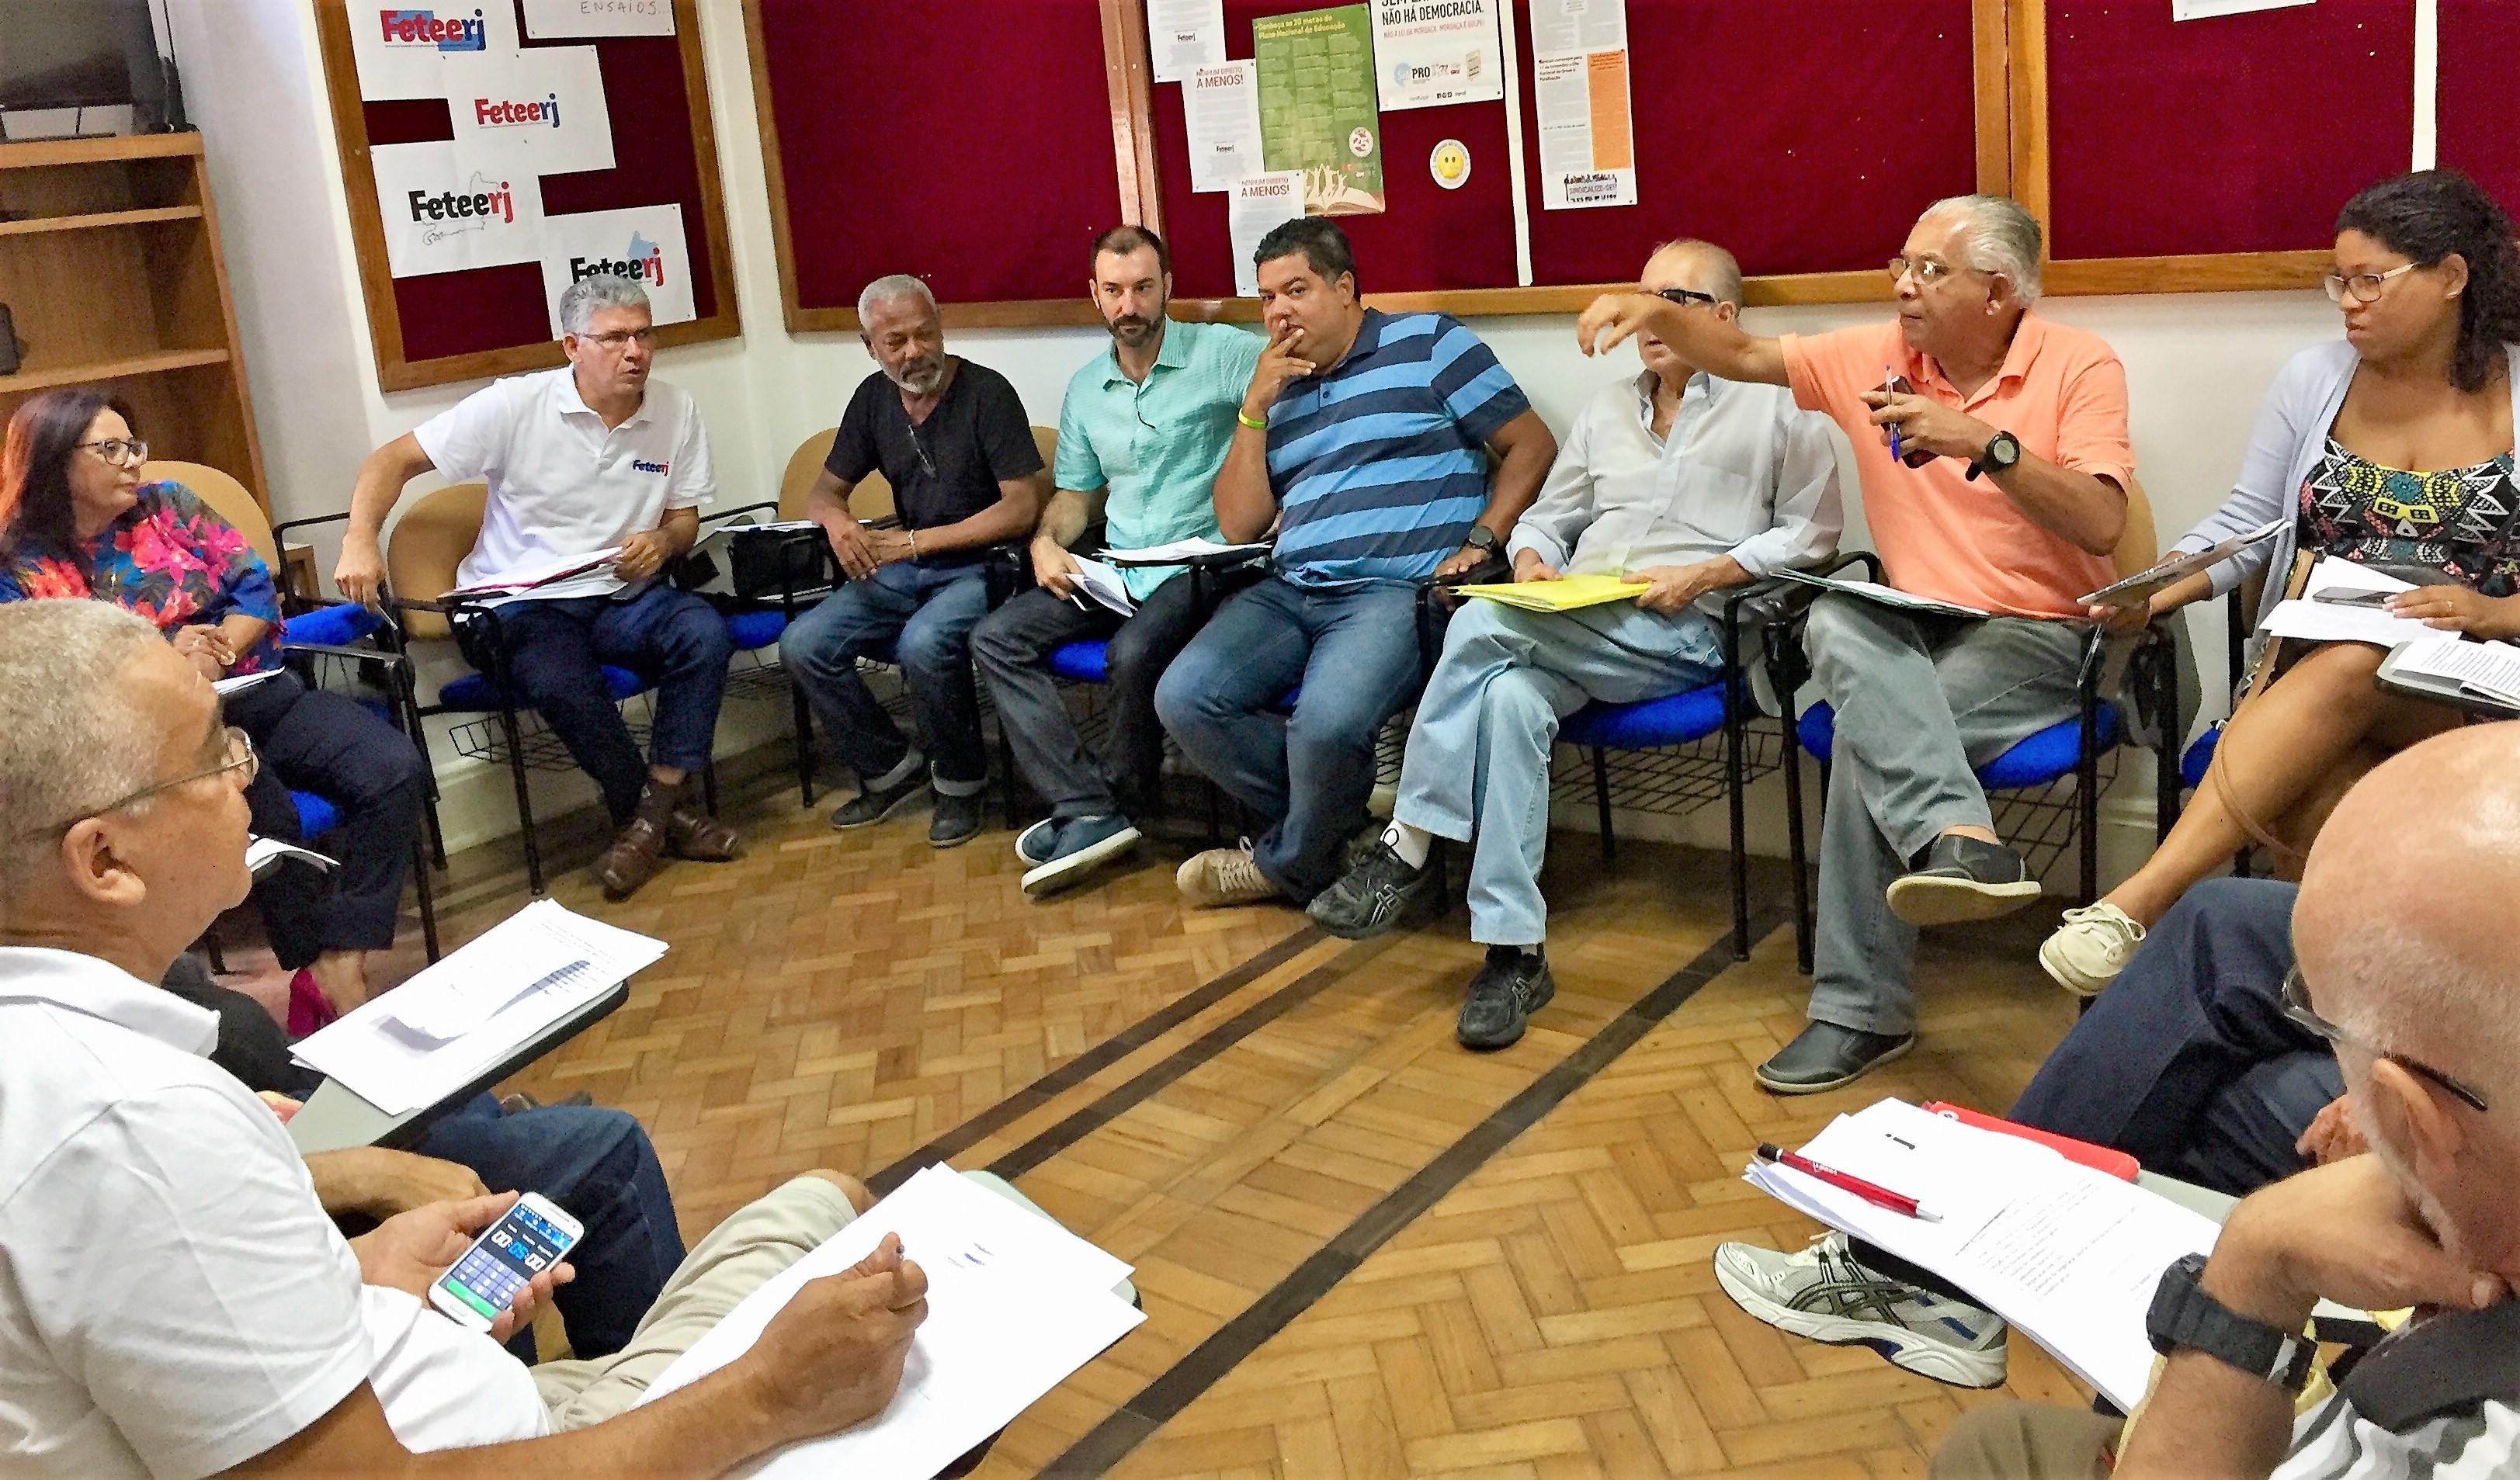 Dia 15 de março tem paralisação nacional dos professores contra as reformas da previdência e trabalhista